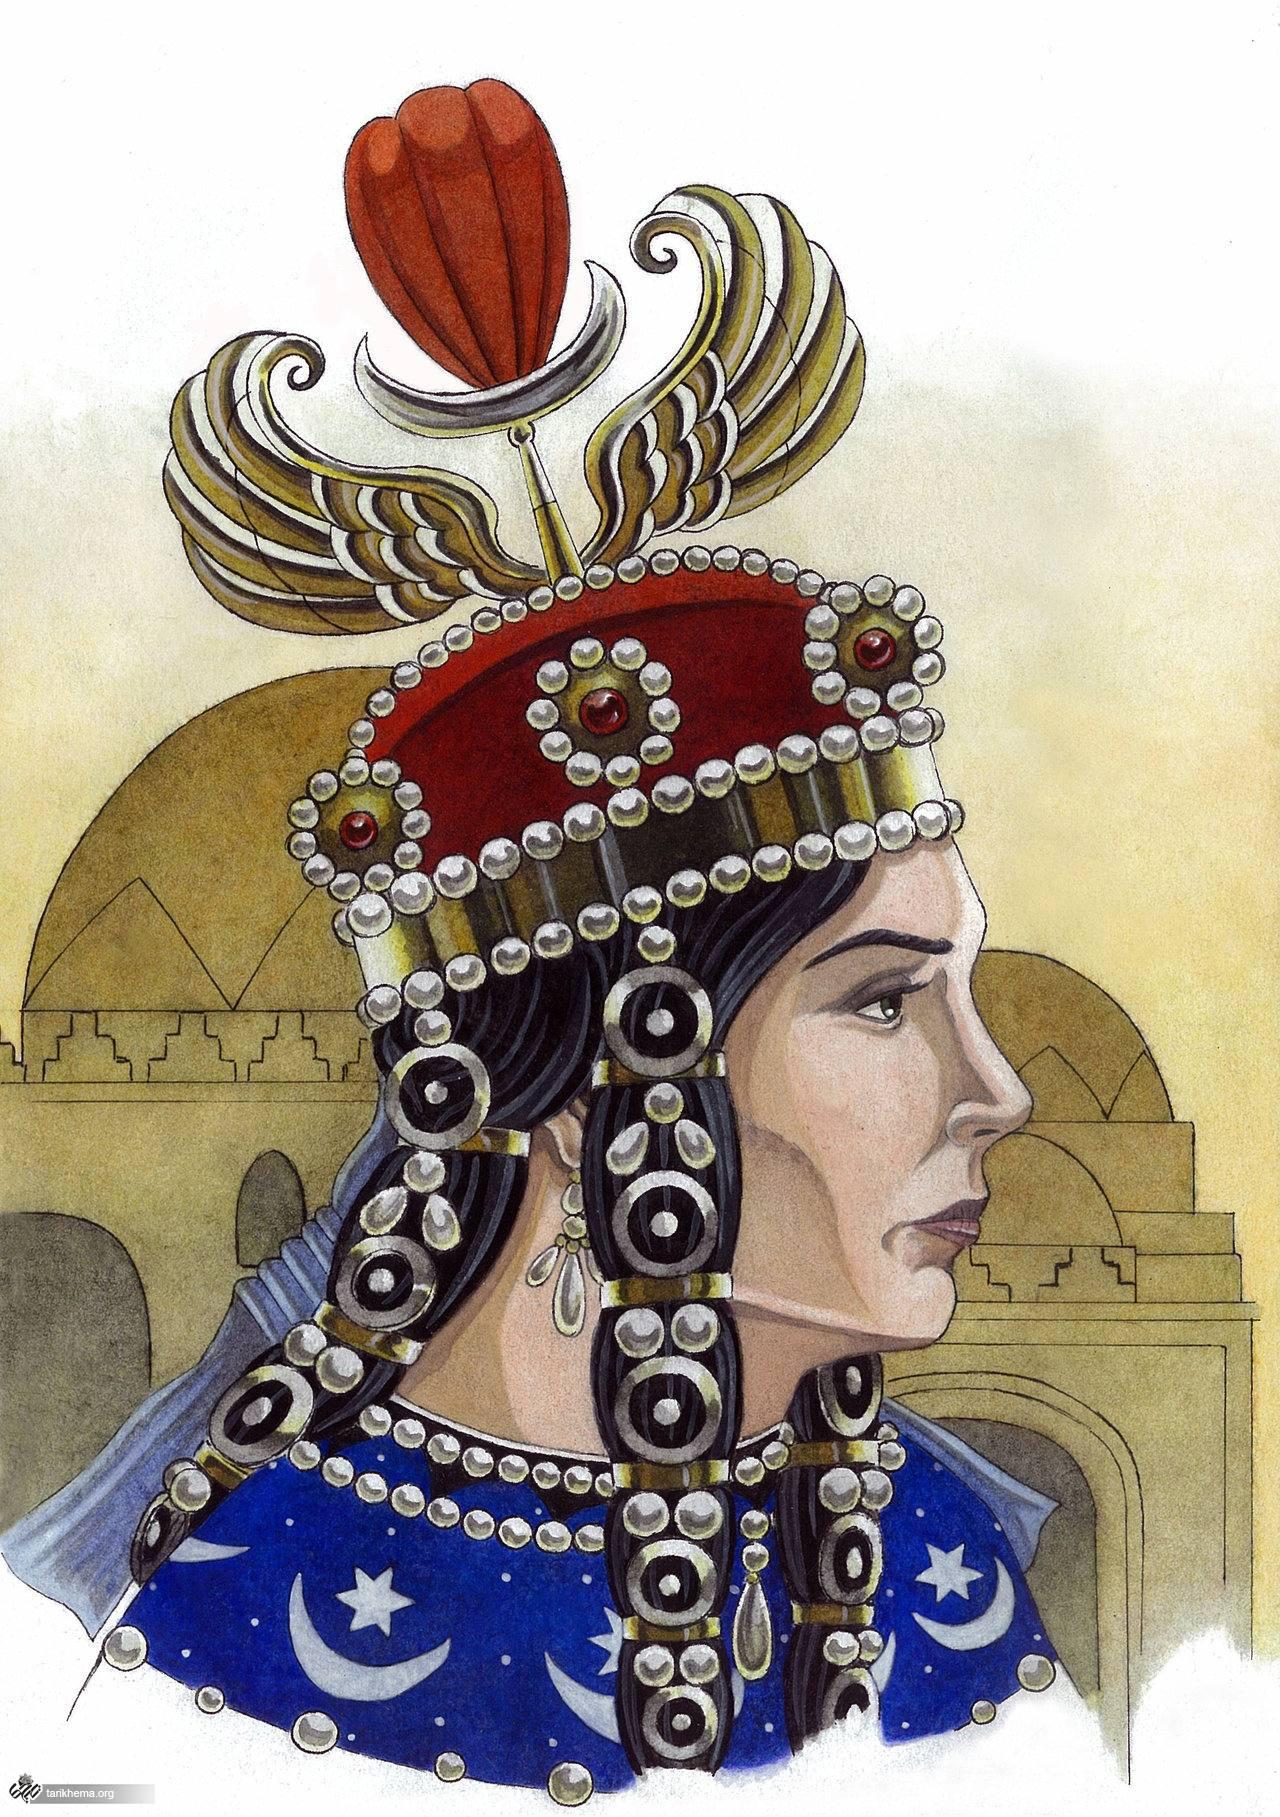 جدول زمان بندی شدۀ شاهان ساسانی